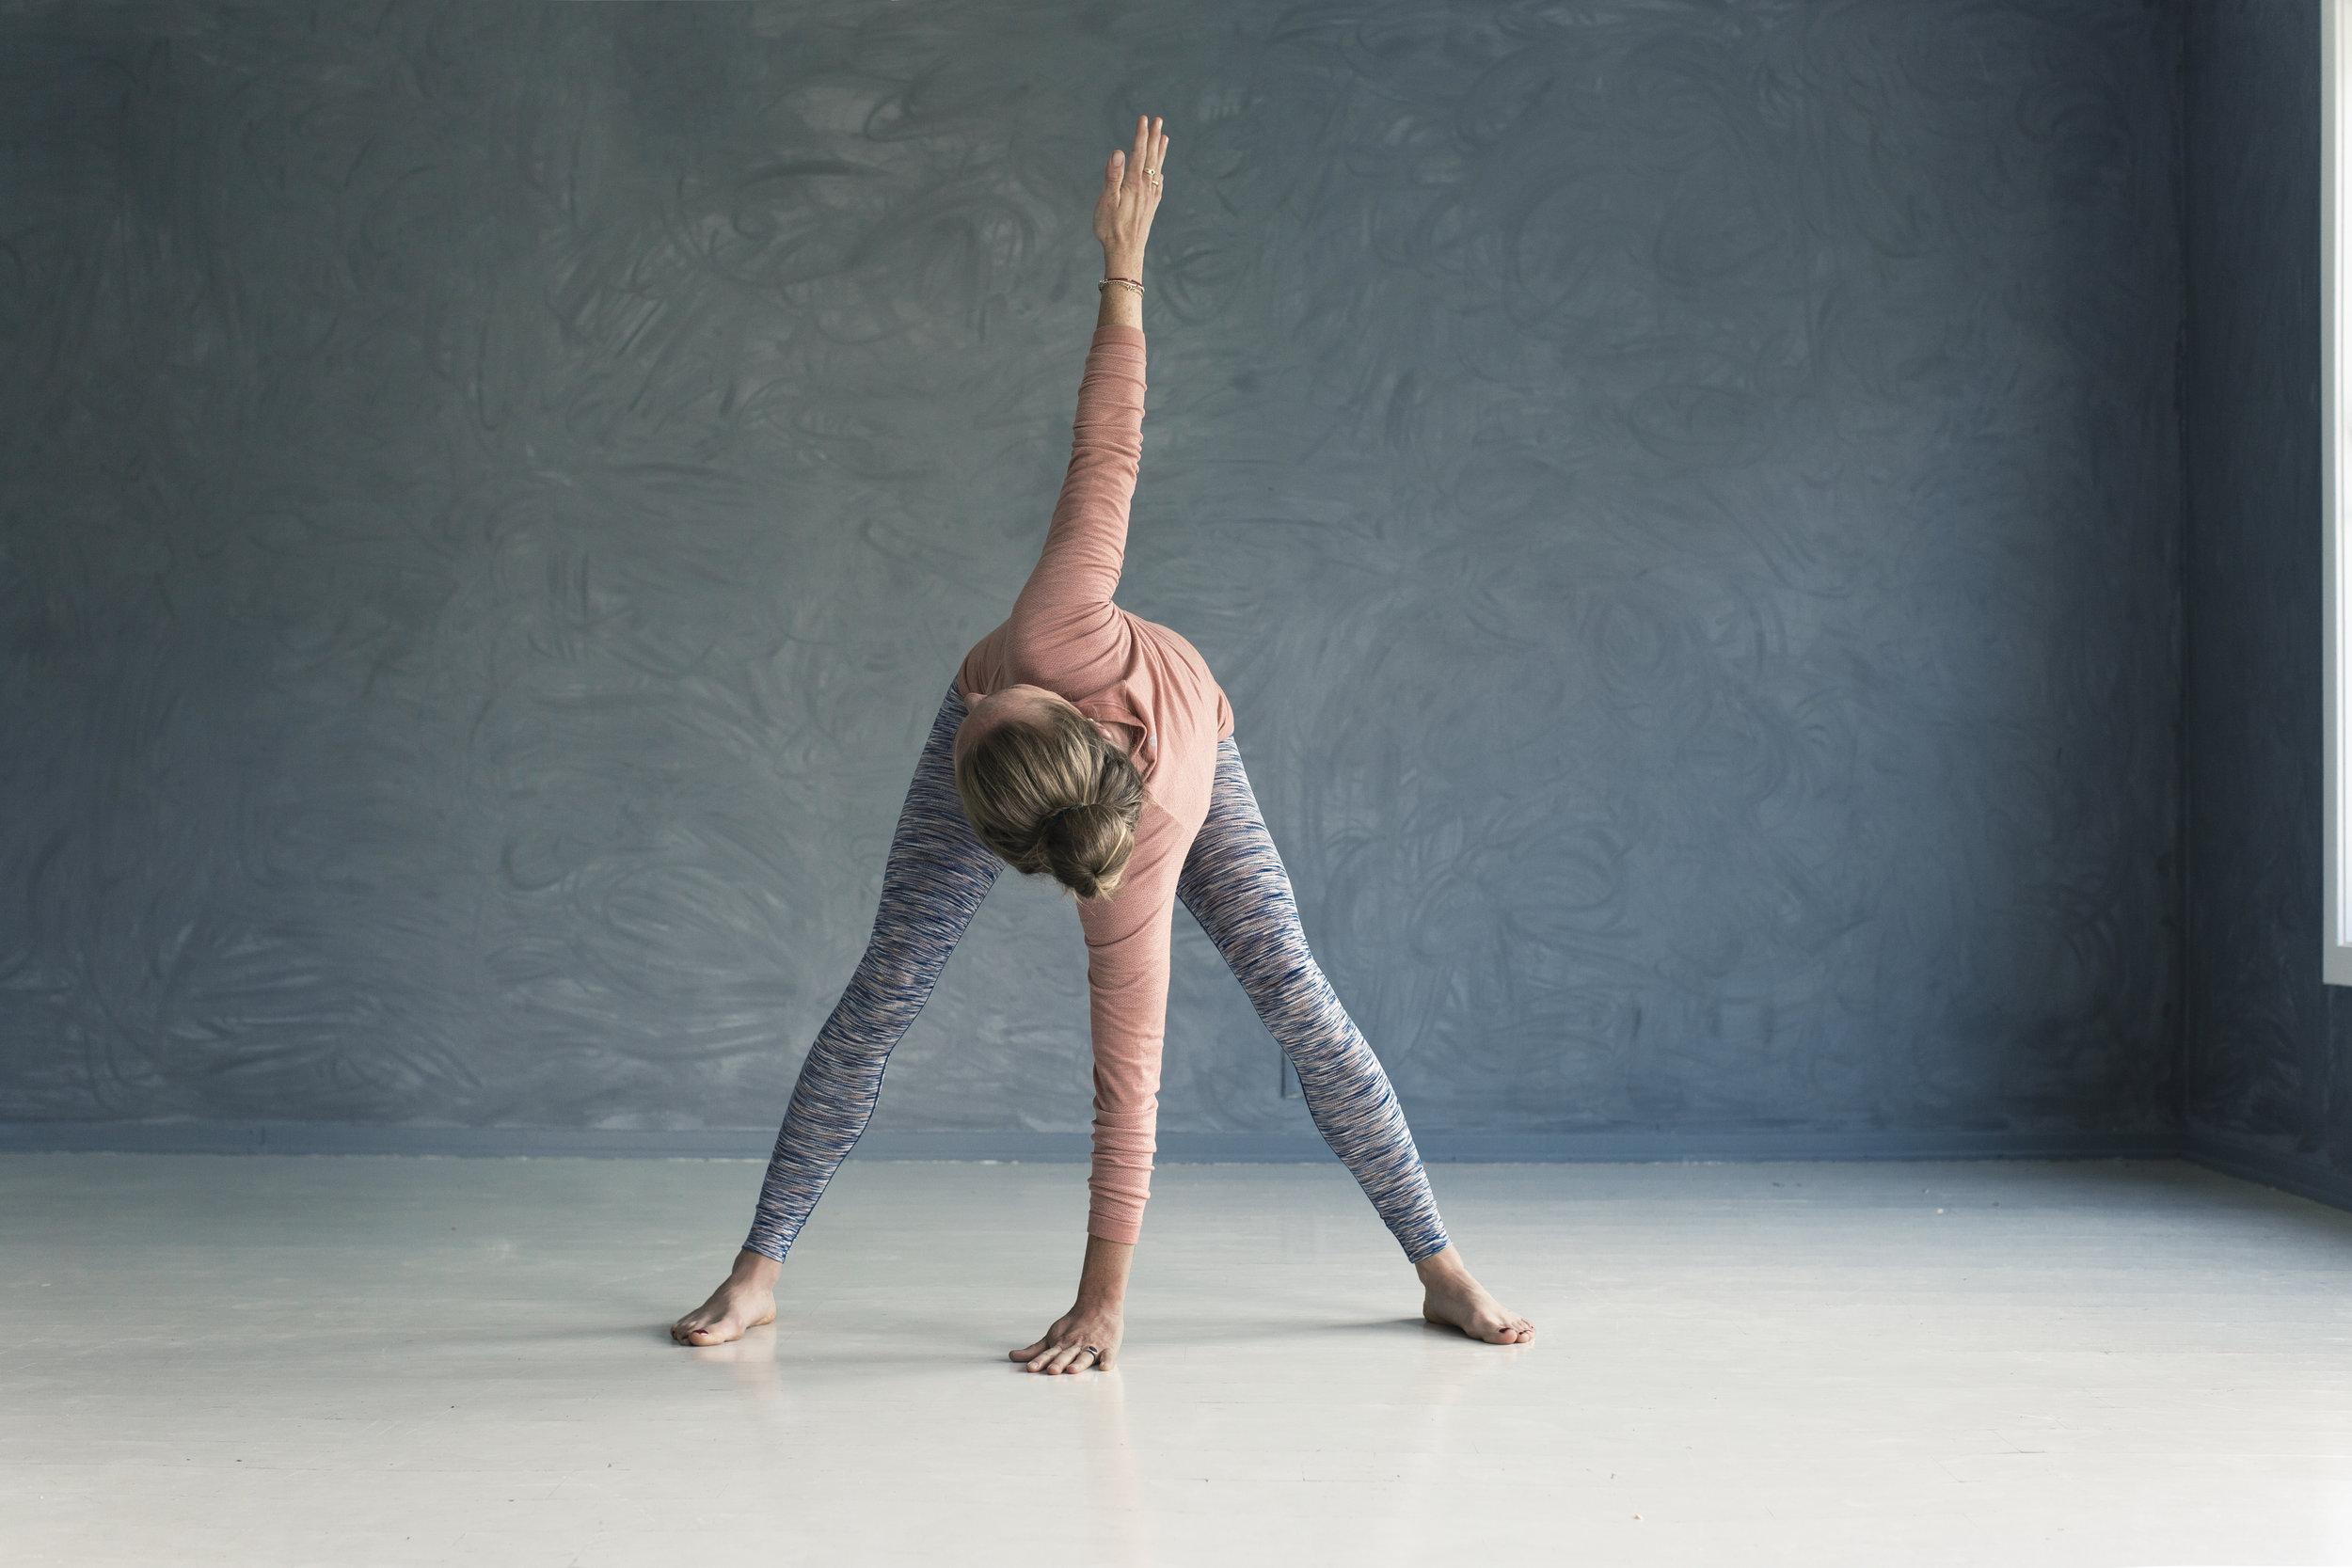 Det er så utrolig lite som skal til før du kjenner den deilige følelsen av mer bevegelse i kroppen!  Foto: Astrid Waller, hentet fra boka Kom i form med minst mulig innsats.